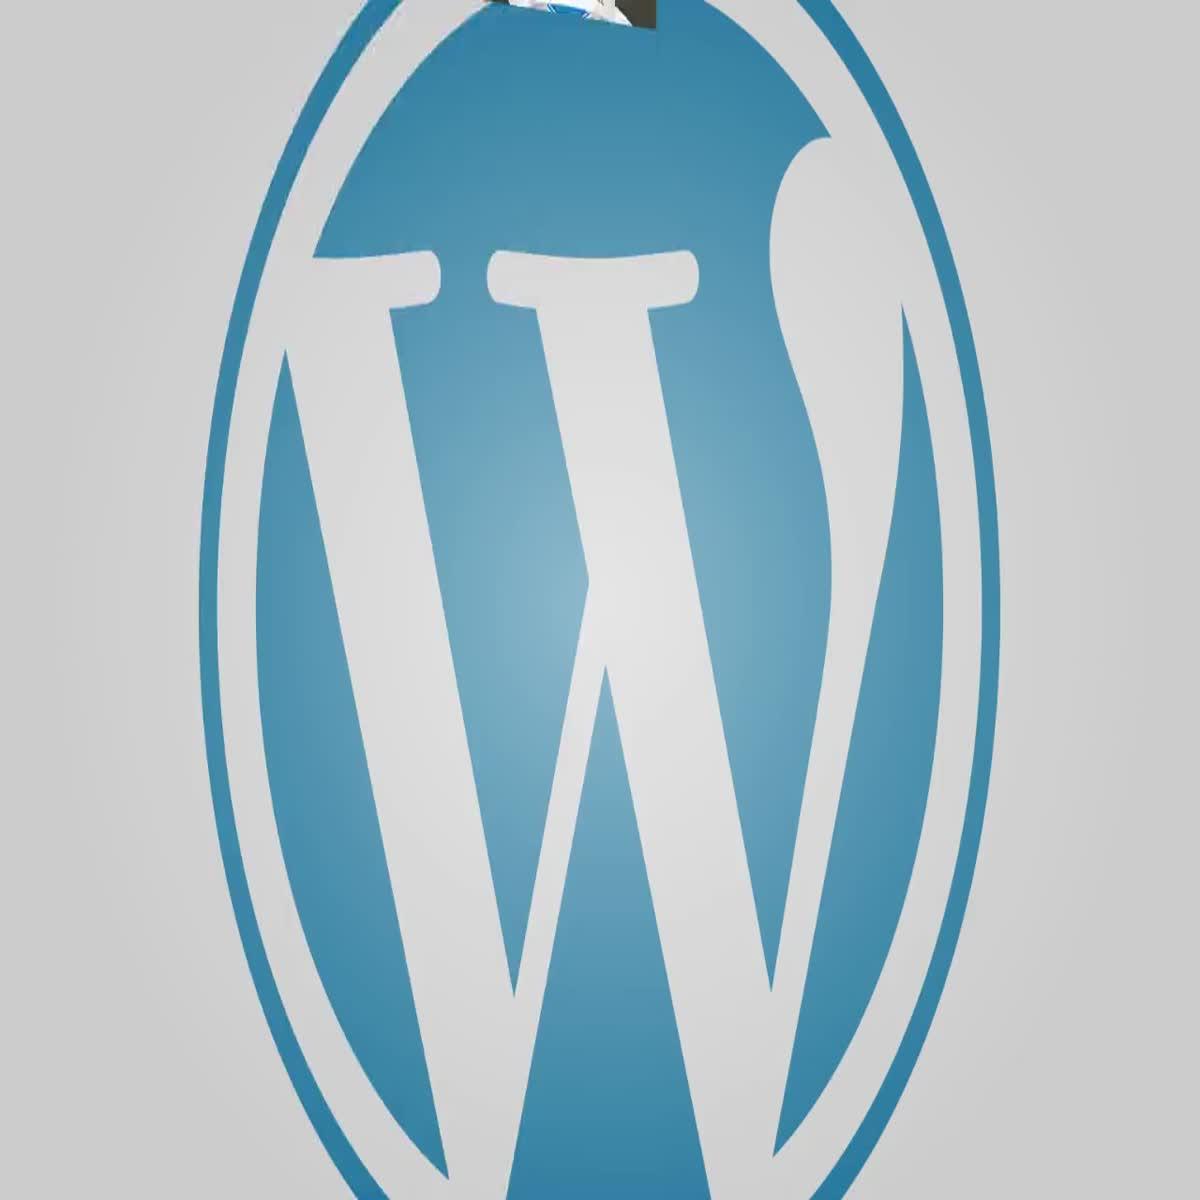 WordPress install, customization, Configure setup, Yoast SEO Plugin, and on-page optimization